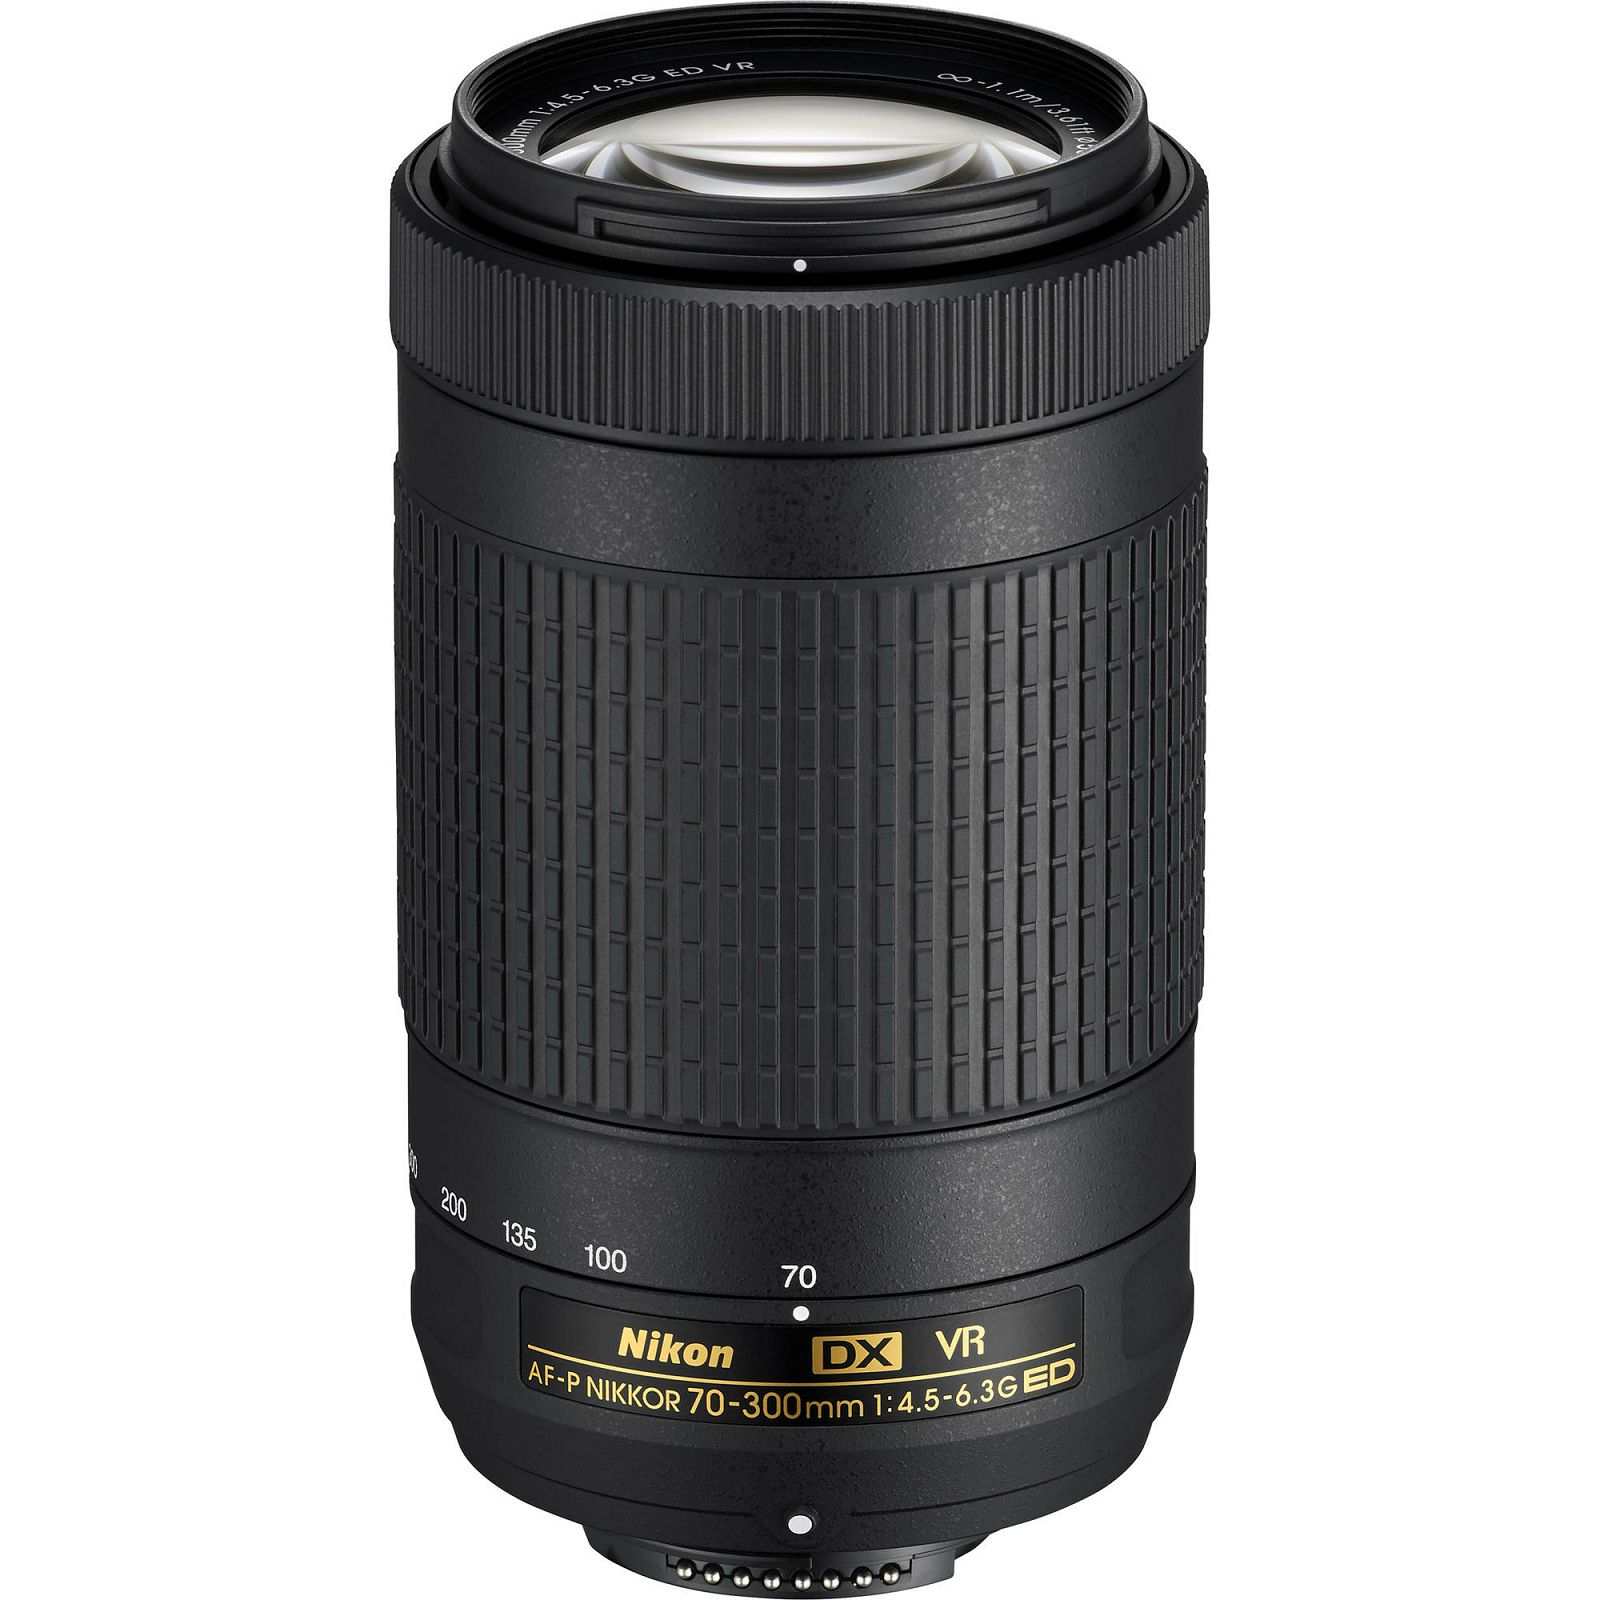 Nikon AF-P 70-300mm f/4.5-6.3G ED VR DX telefoto objektiv Nikkor 70-300 4.5-6.3 G (JAA829DA)